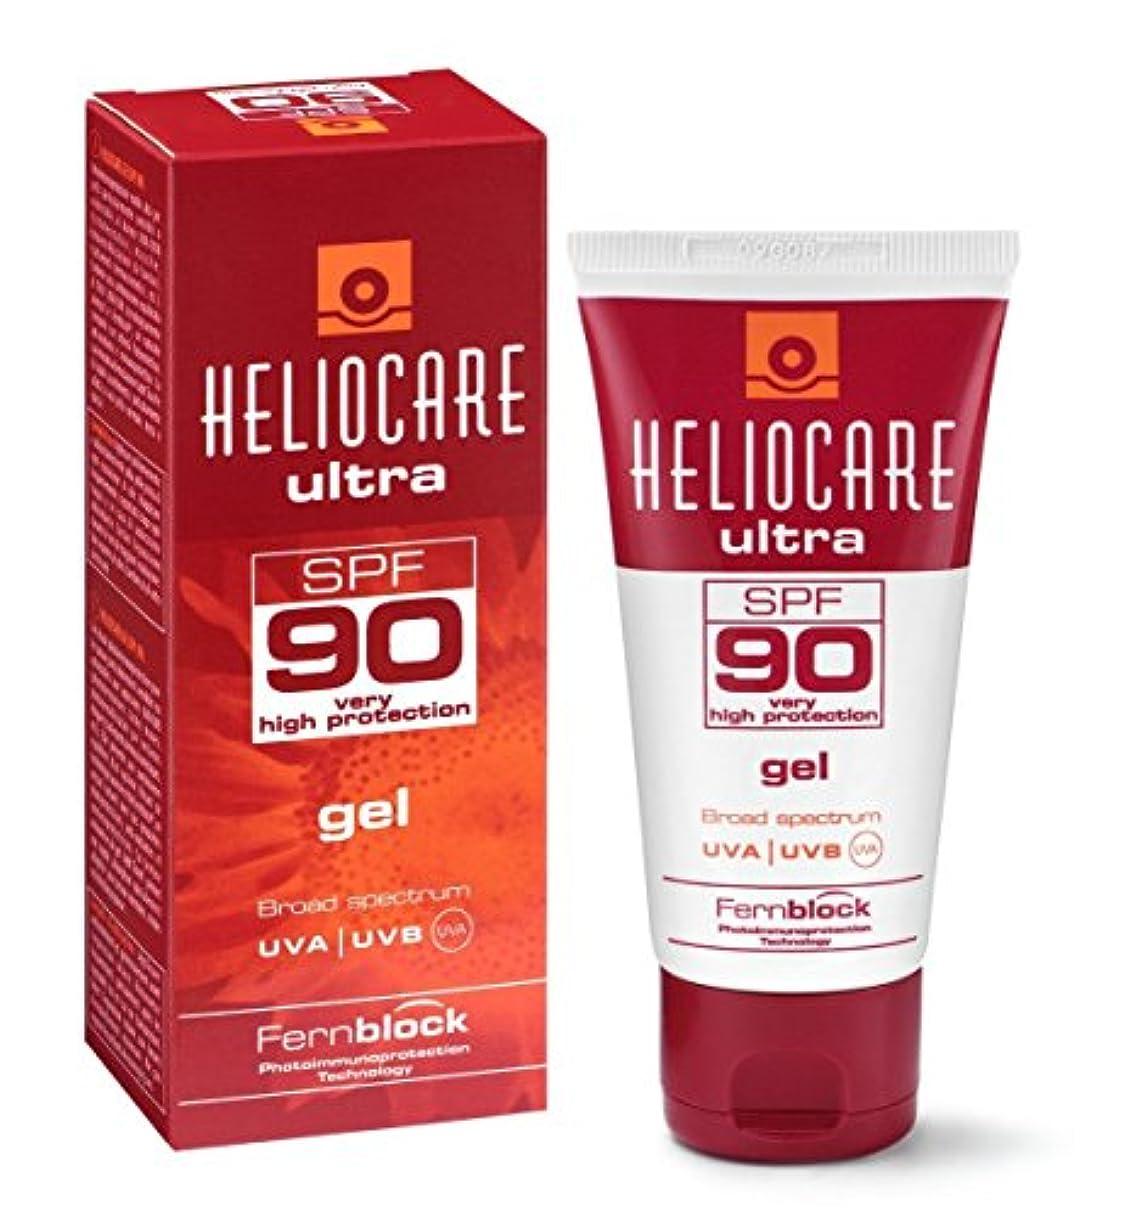 光スペア証拠Heliocare ヘリオケア サンスクリーン SPF90 ジェルタイプ50ml